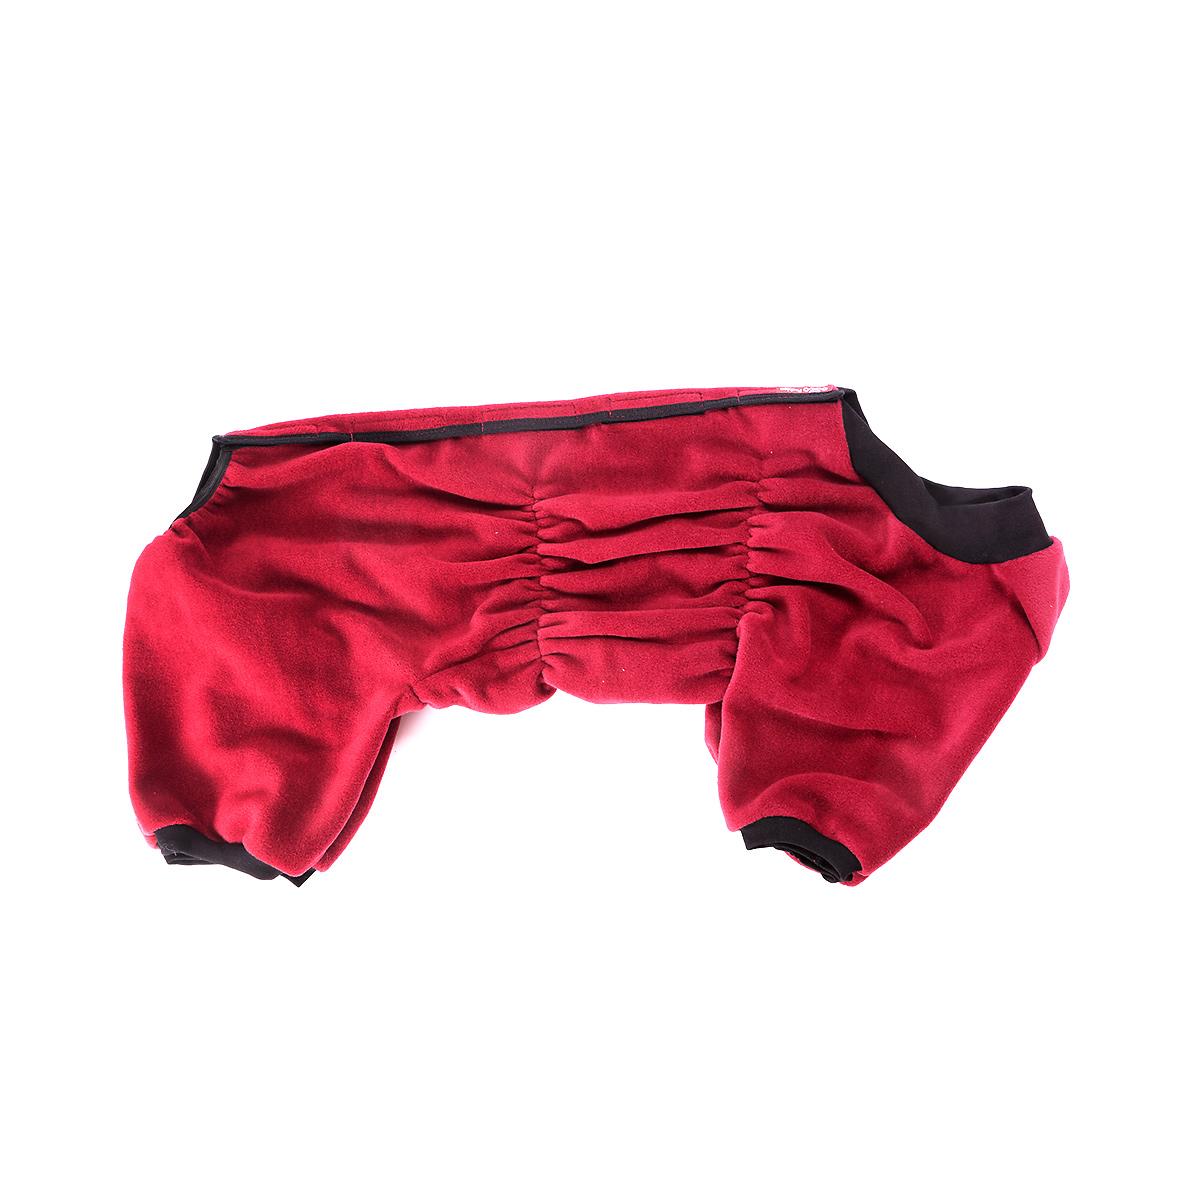 Комбинезон для собак OSSO Fashion, для девочки, цвет: бордовый. Размер 70Кф-1025Комбинезон для собак OSSO Fashion выполнен из флиса. Комфортная посадка по корпусу достигается за счет резинок-утяжек под грудью и животом. На воротнике имеются завязки, для дополнительной фиксации. Можно носить самостоятельно и как поддевку под комбинезон для собак. Изделие отлично стирается, быстро сохнет.Длина спинки: 70 см. Объем груди: 74-104 см.Одежда для собак: нужна ли она и как её выбрать. Статья OZON Гид